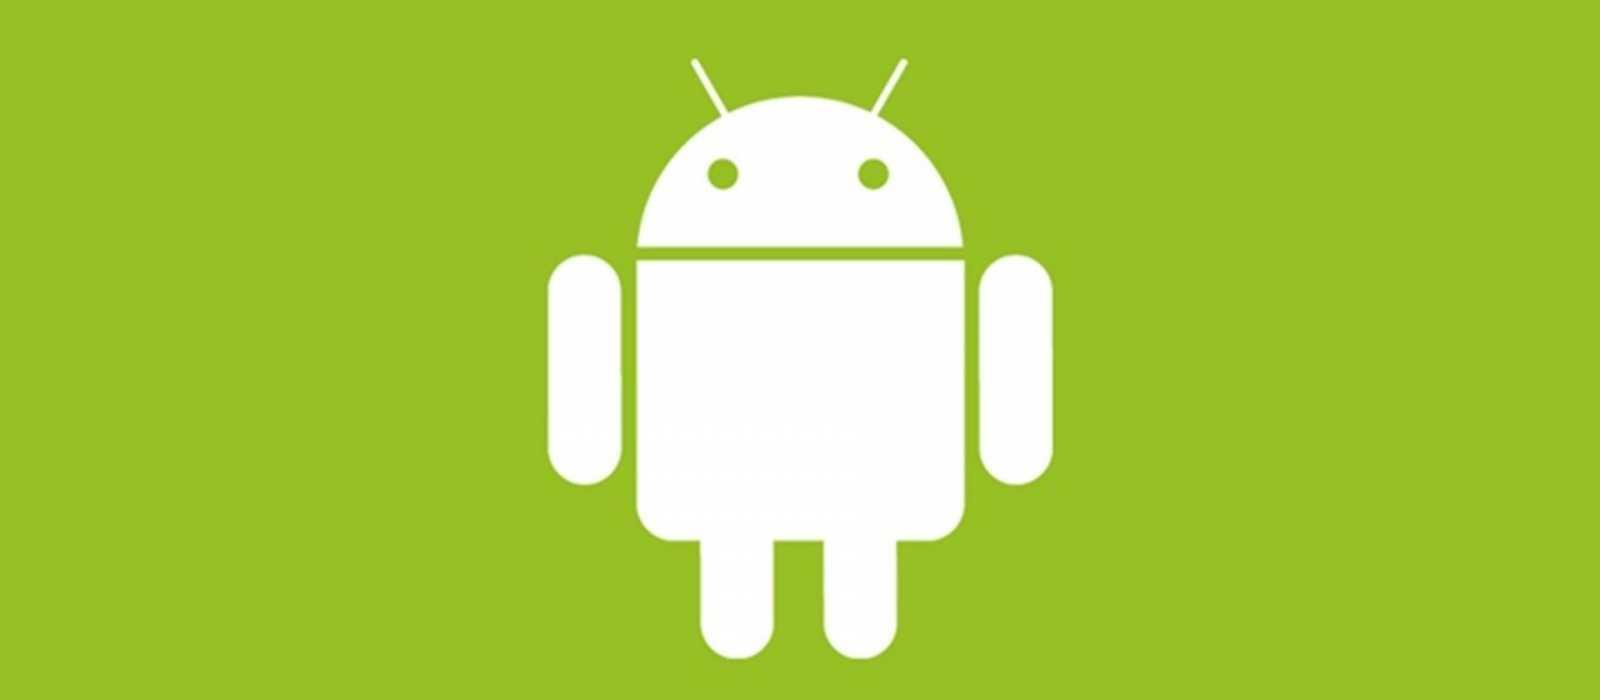 Werbegeschenk: 3 Spiele und 4 Anwendungen werden bei Google Play kostenlos verteilt